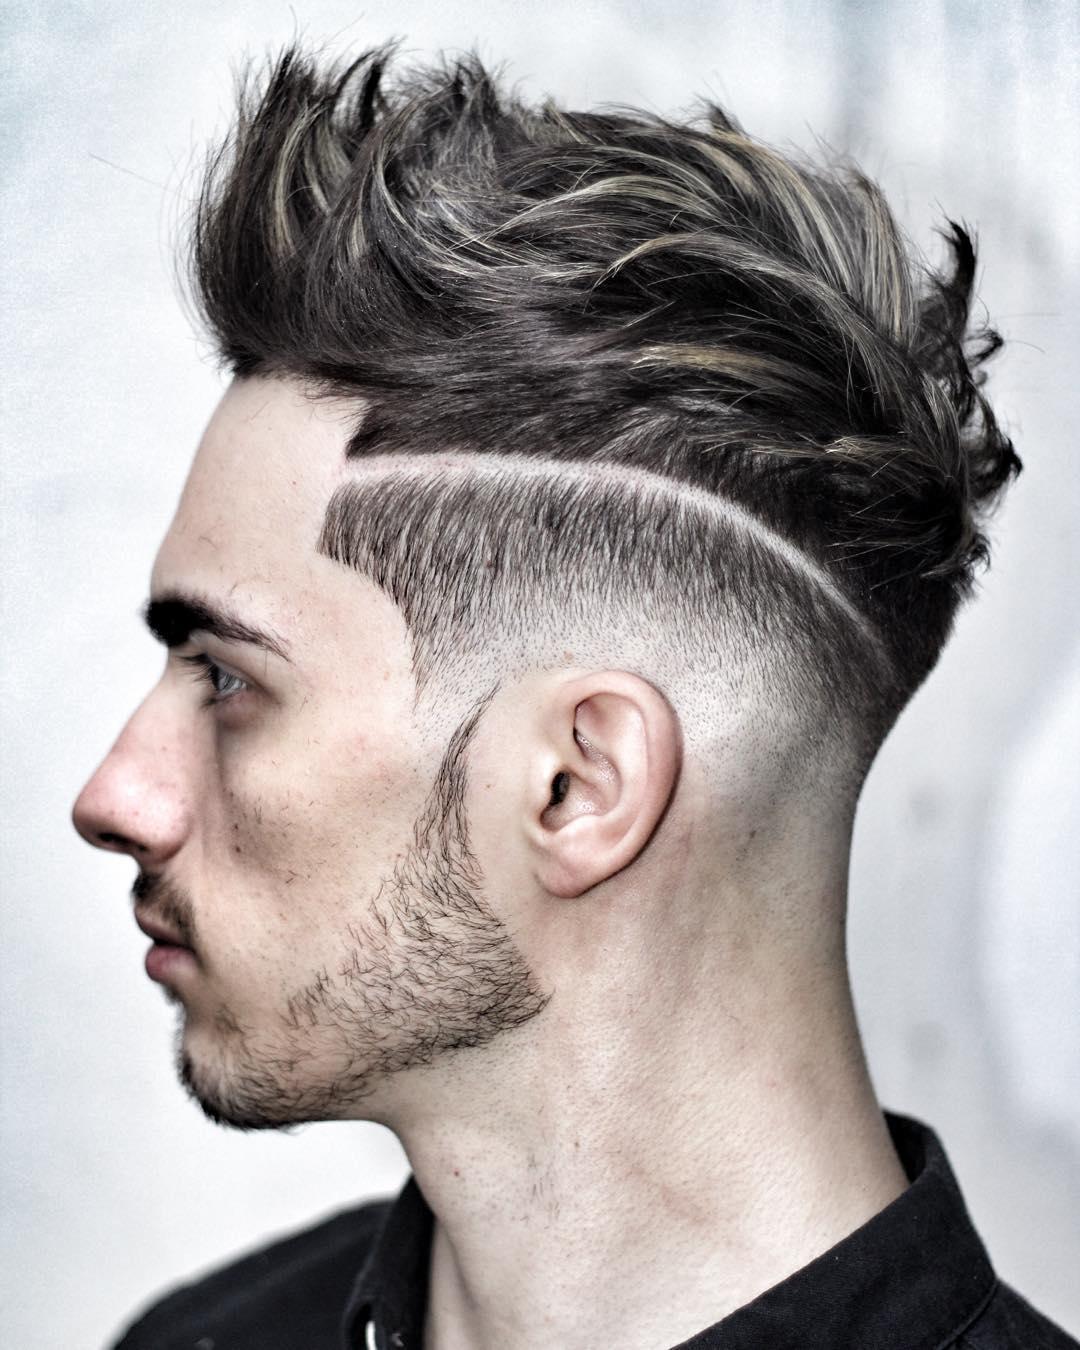 corte masculino 2016, cortes modernos 2016, cortes 2016, alex cursino, moda sem censura, menswear, blogger, blog de moda, moda masculina, youtuber, haircut 2016, hairstyle 2016, undercut 2016 (9)